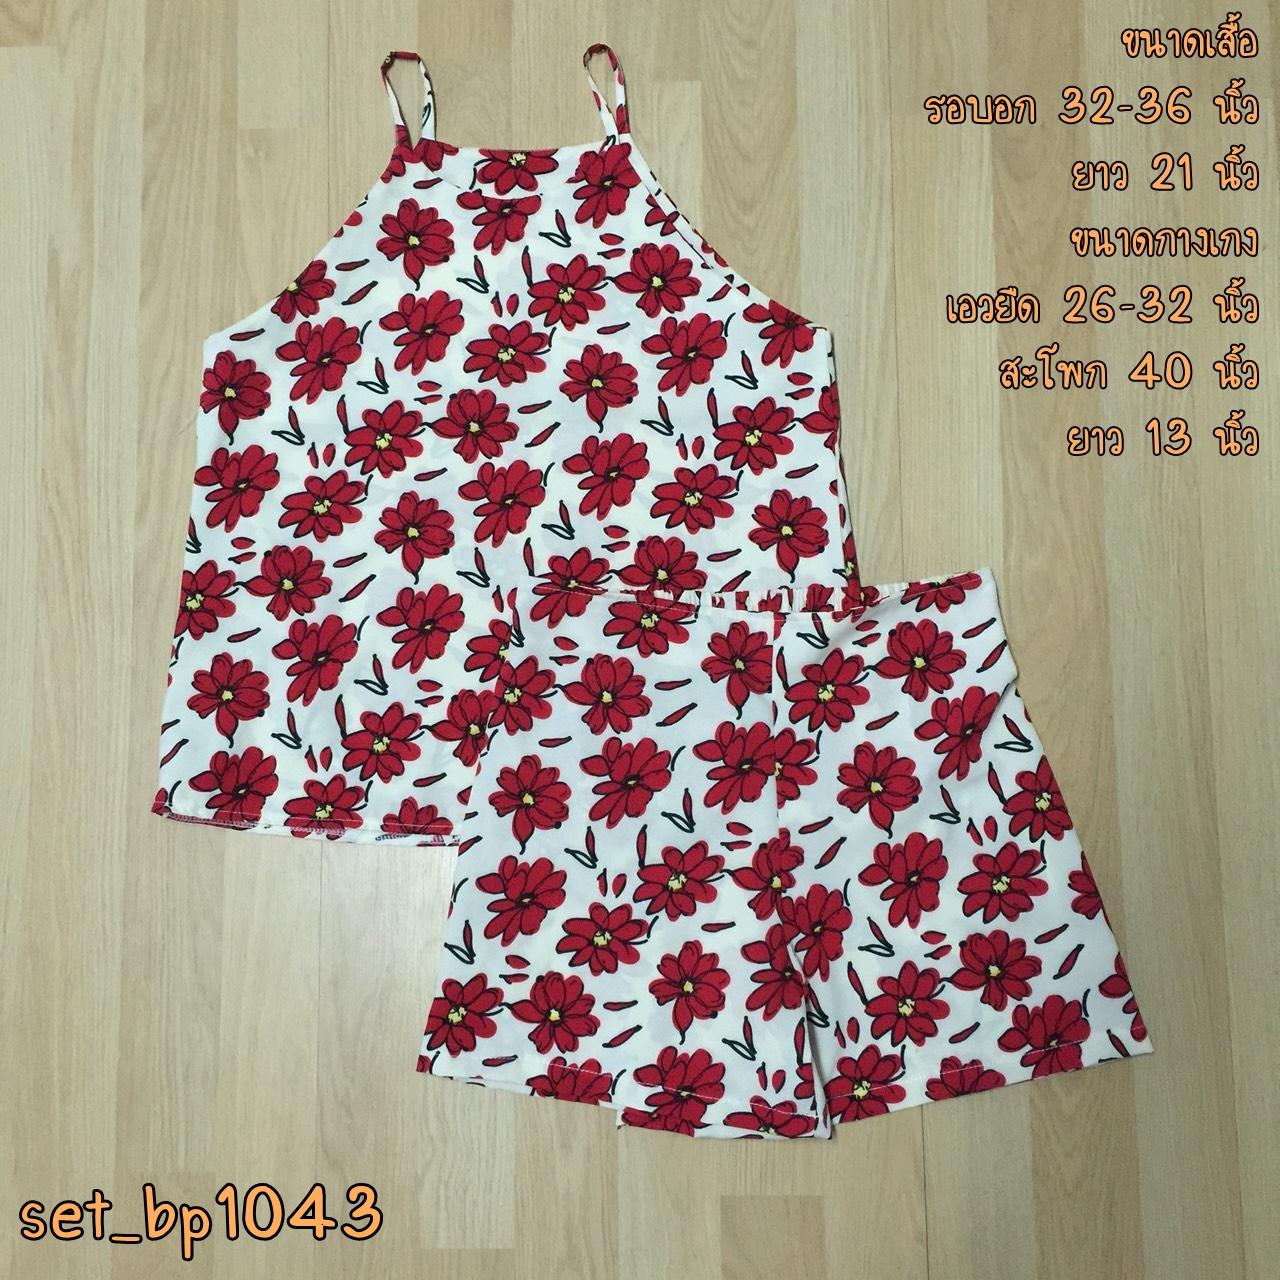 Set_bp1043 ชุดเซ็ท 2 ชิ้น(เสื้อ+กางเกง)แยกชิ้น เสื้อสายเดี่ยวไหล่ล้ำ+กางเกงขาสั้นเอวยืด ผ้าไหมอิตาลีเนื้อนิ่มลายดอกไม้พื้นสีครีม